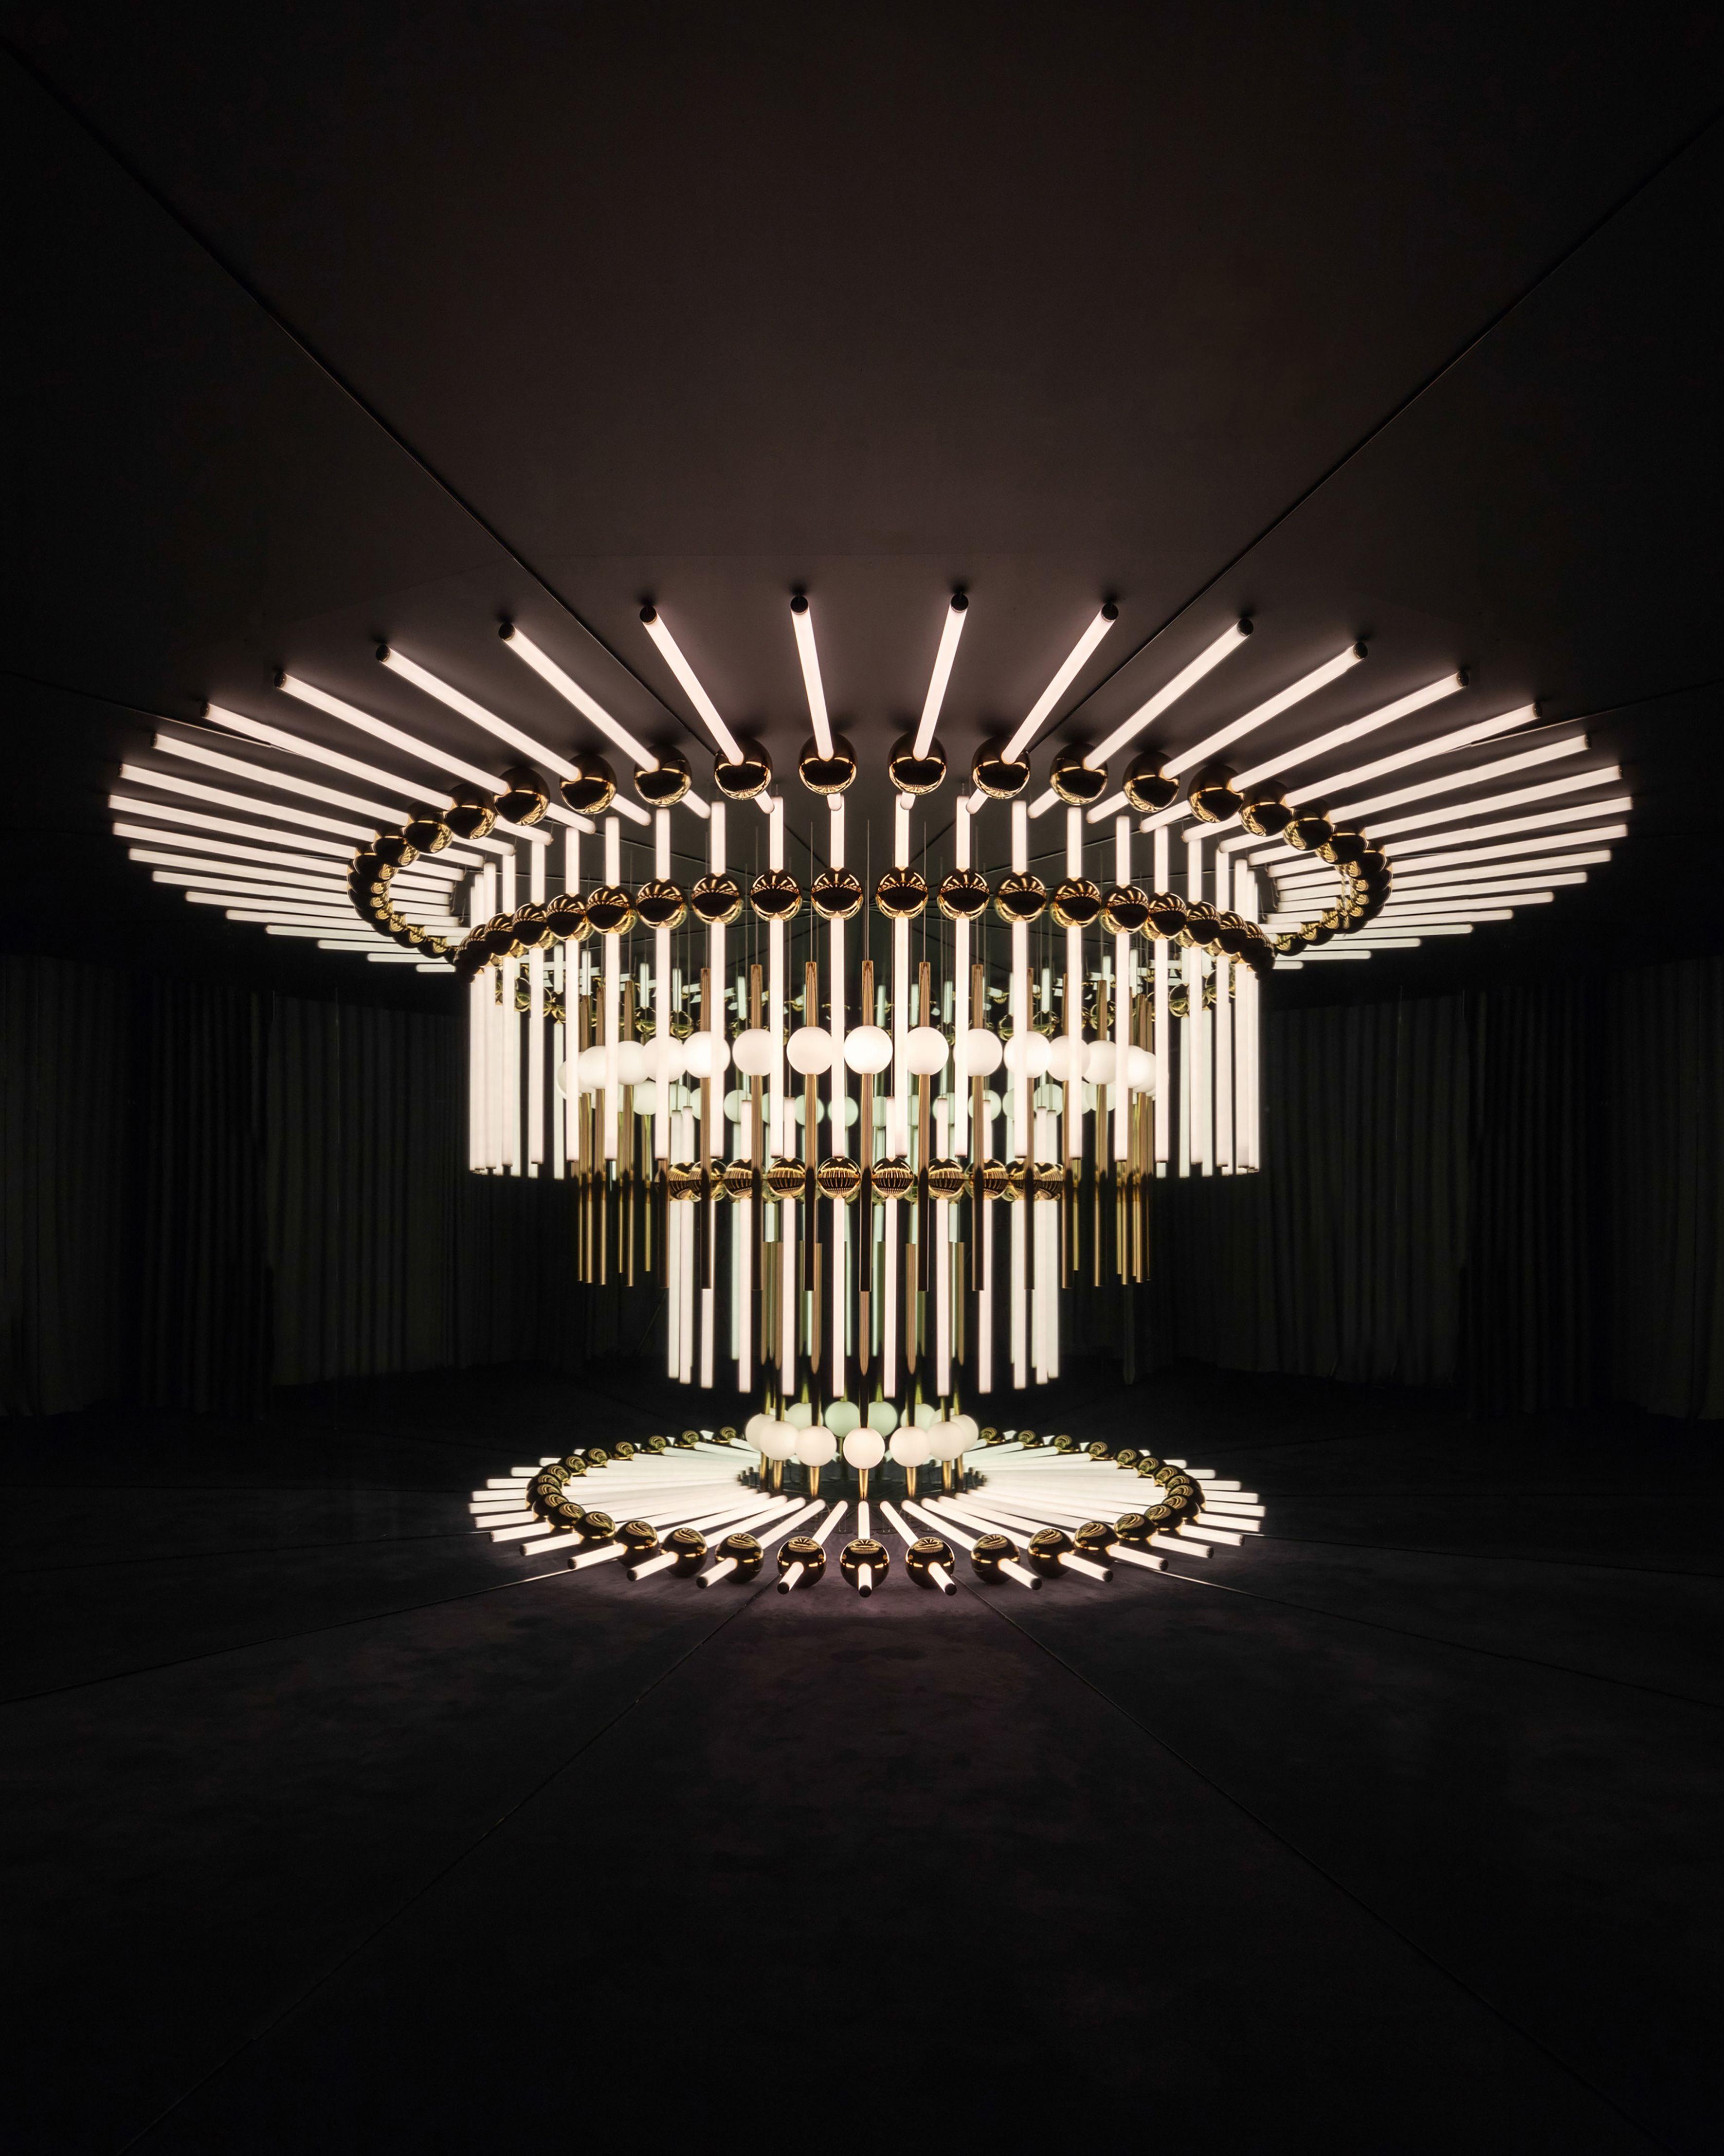 For London Design Festival 2019 Lee